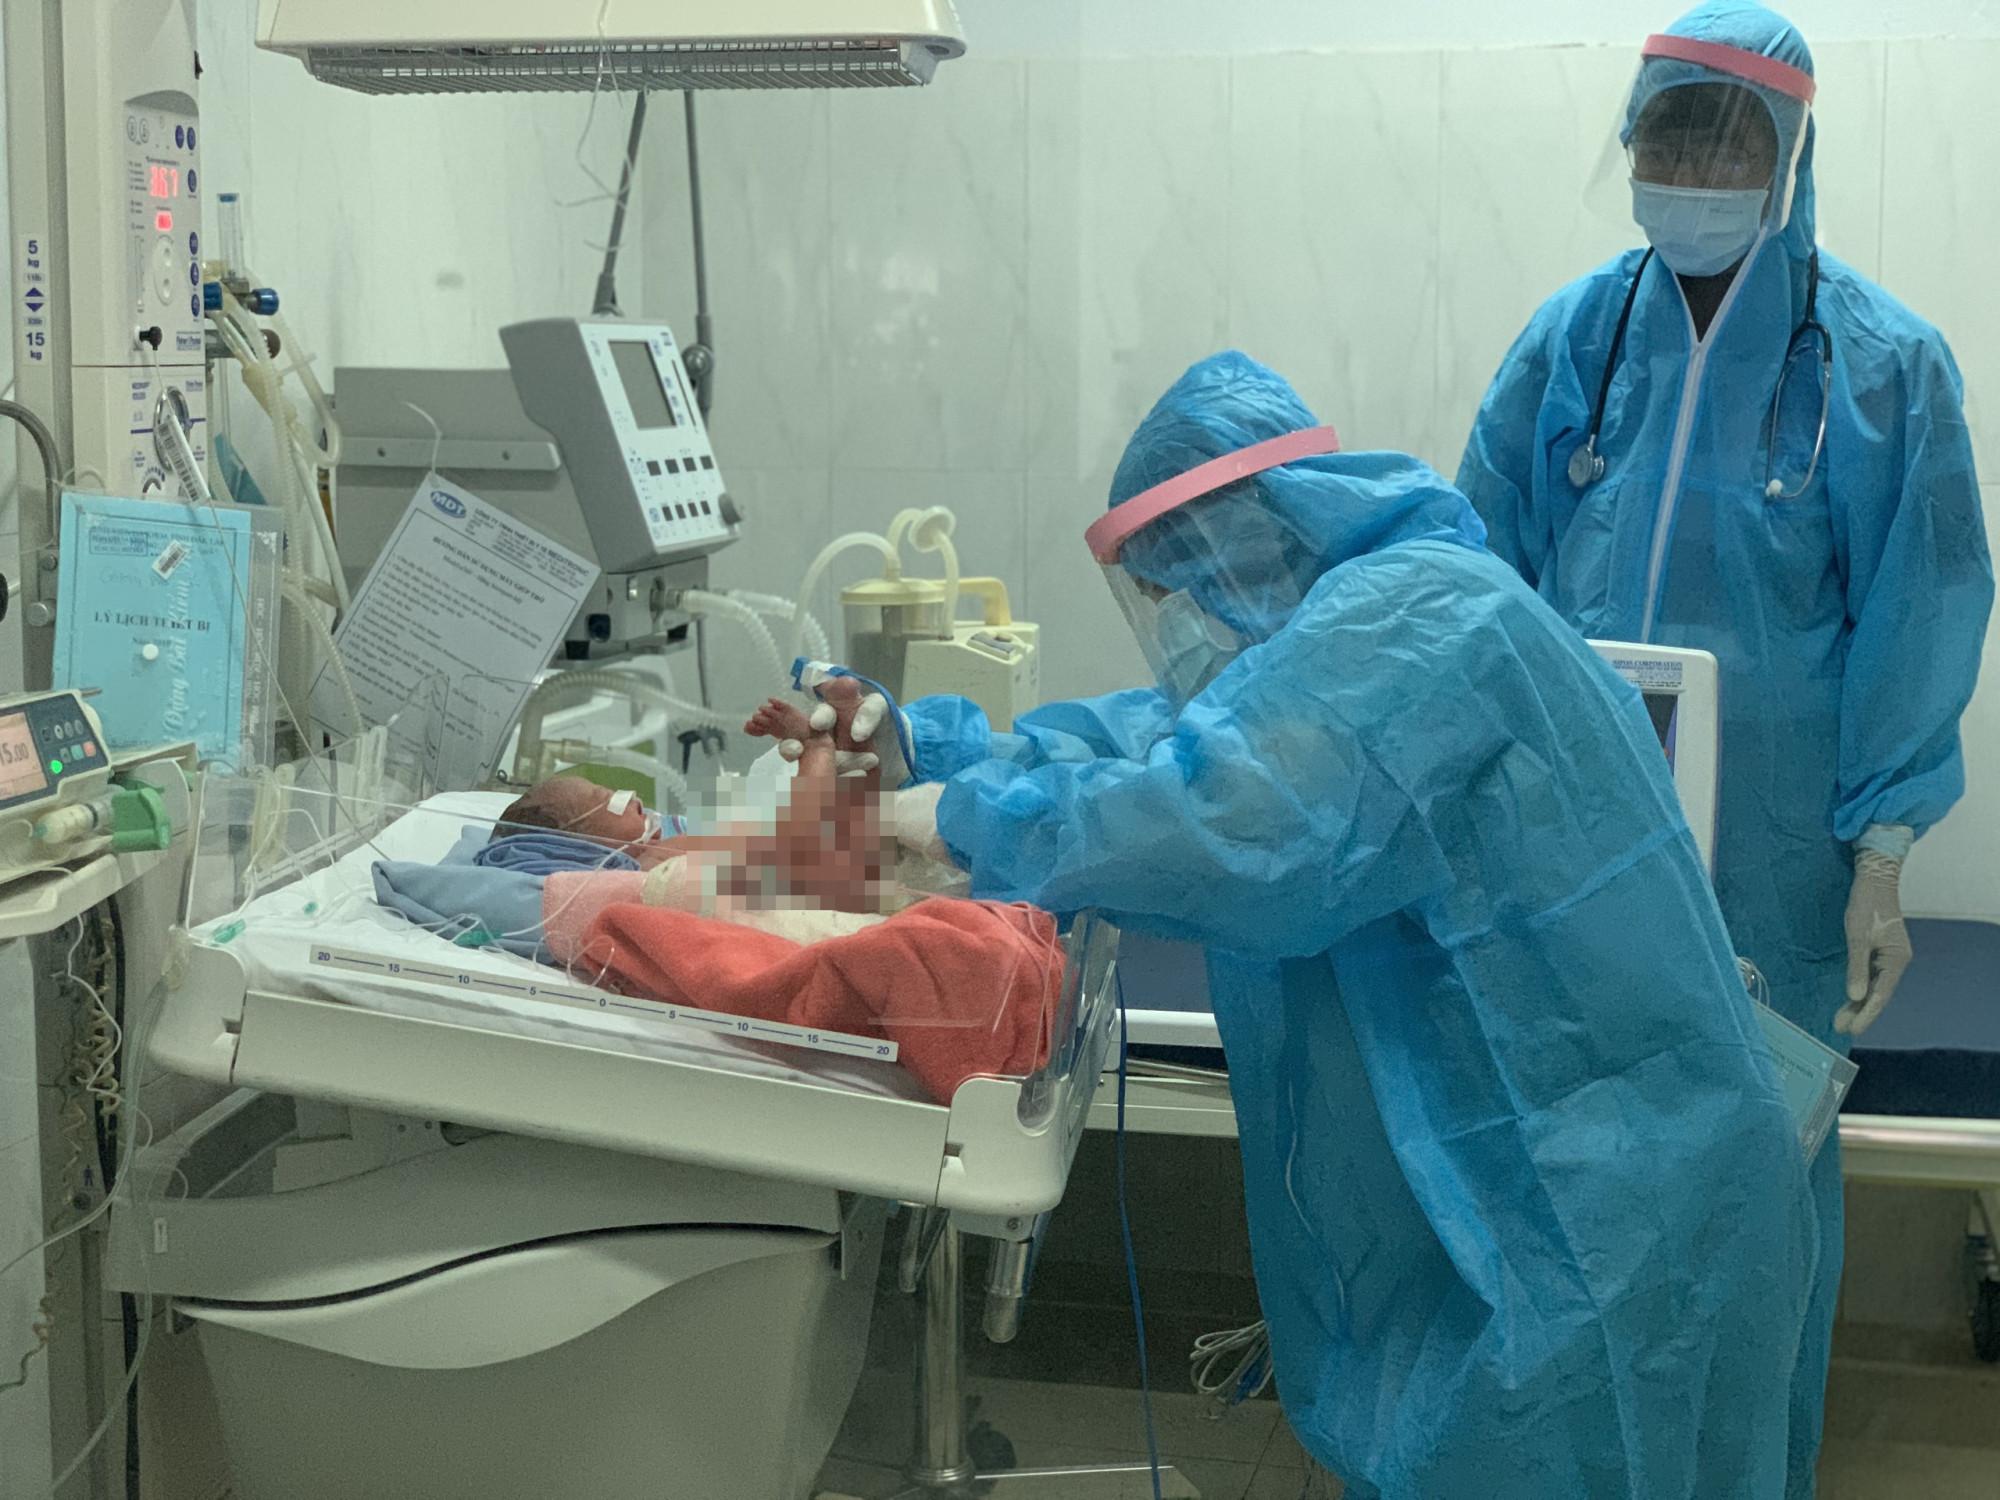 Sau khi phẫu thuật lấy thai, cháu bé được chăm sóc đặc biệt (Ảnh: Tú Anh)